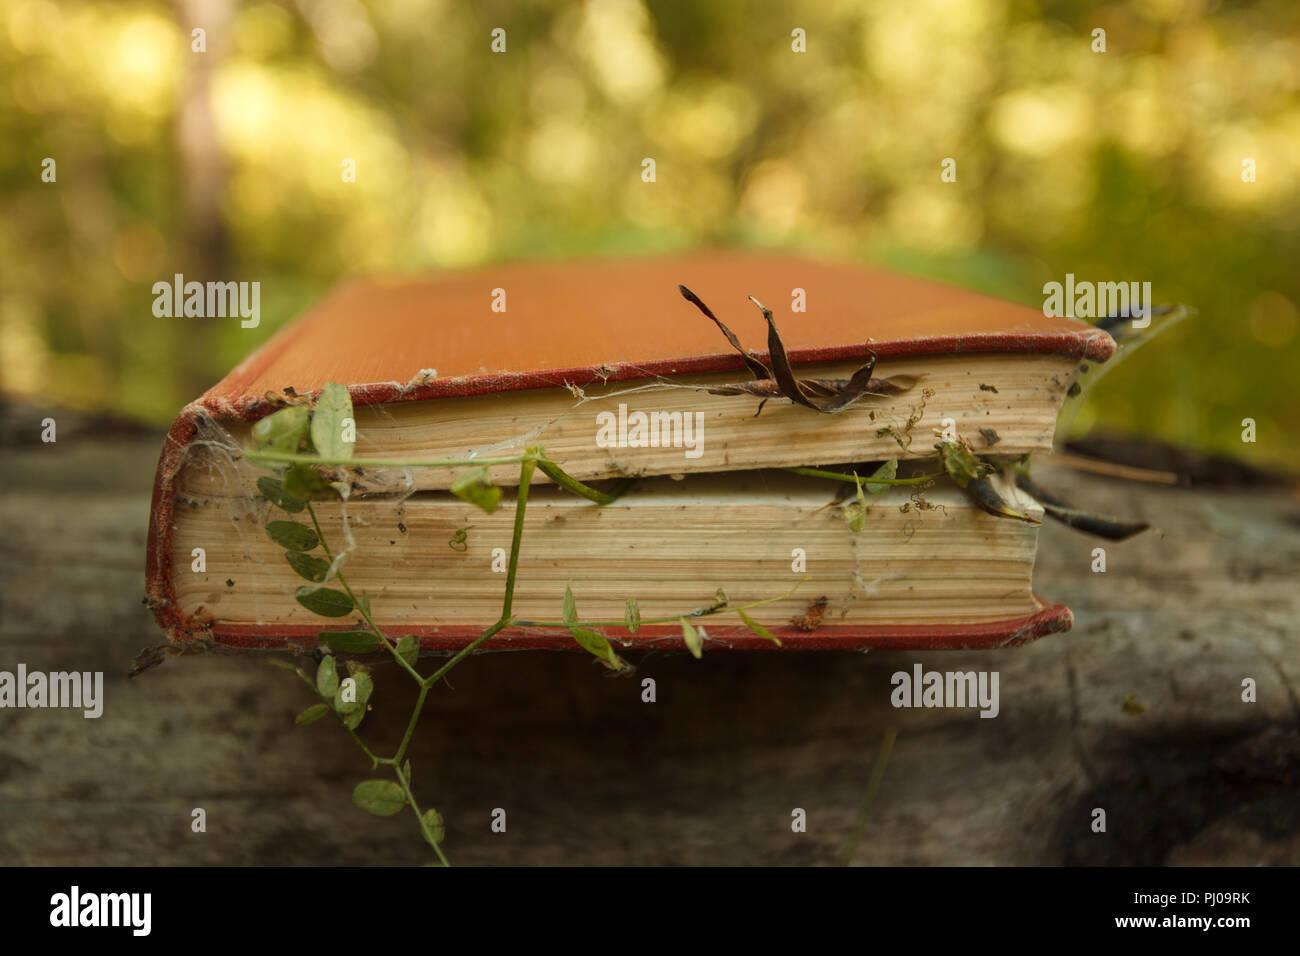 Bewitched livre avec des plantes magiques et Spider web, concept de mystère et spirituelle Photo Stock